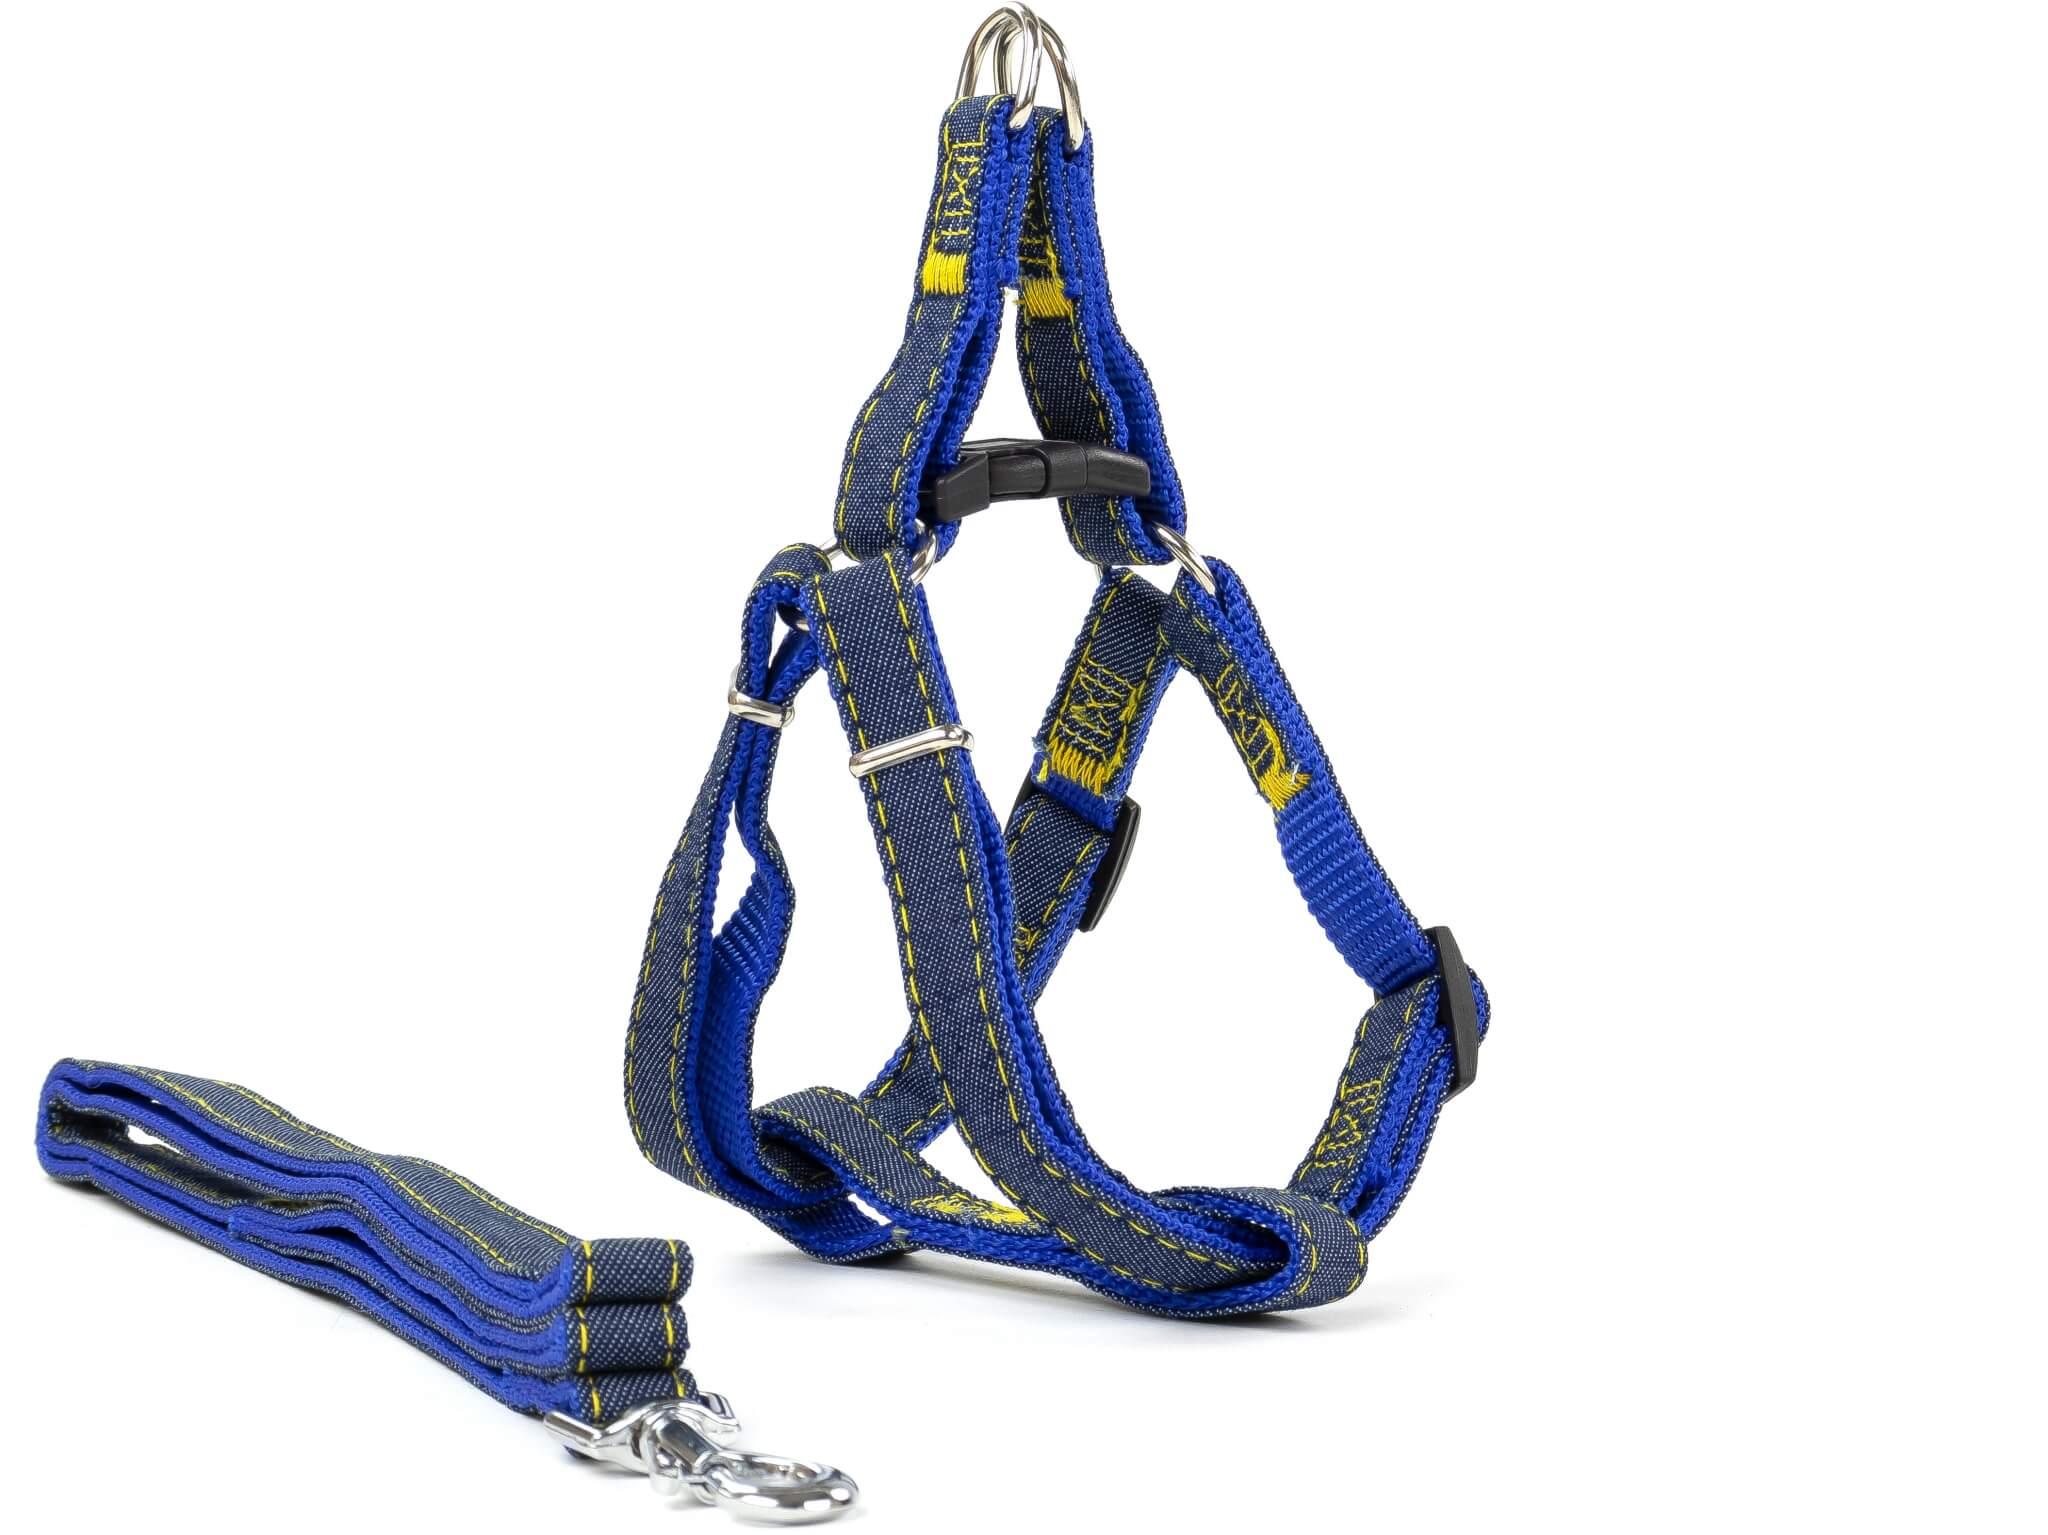 Vsepropejska Jeans riflový postroj pro psa s vodítkem | 23 – 63 cm Barva: Modrá, Obvod hrudníku: 23 - 36 cm